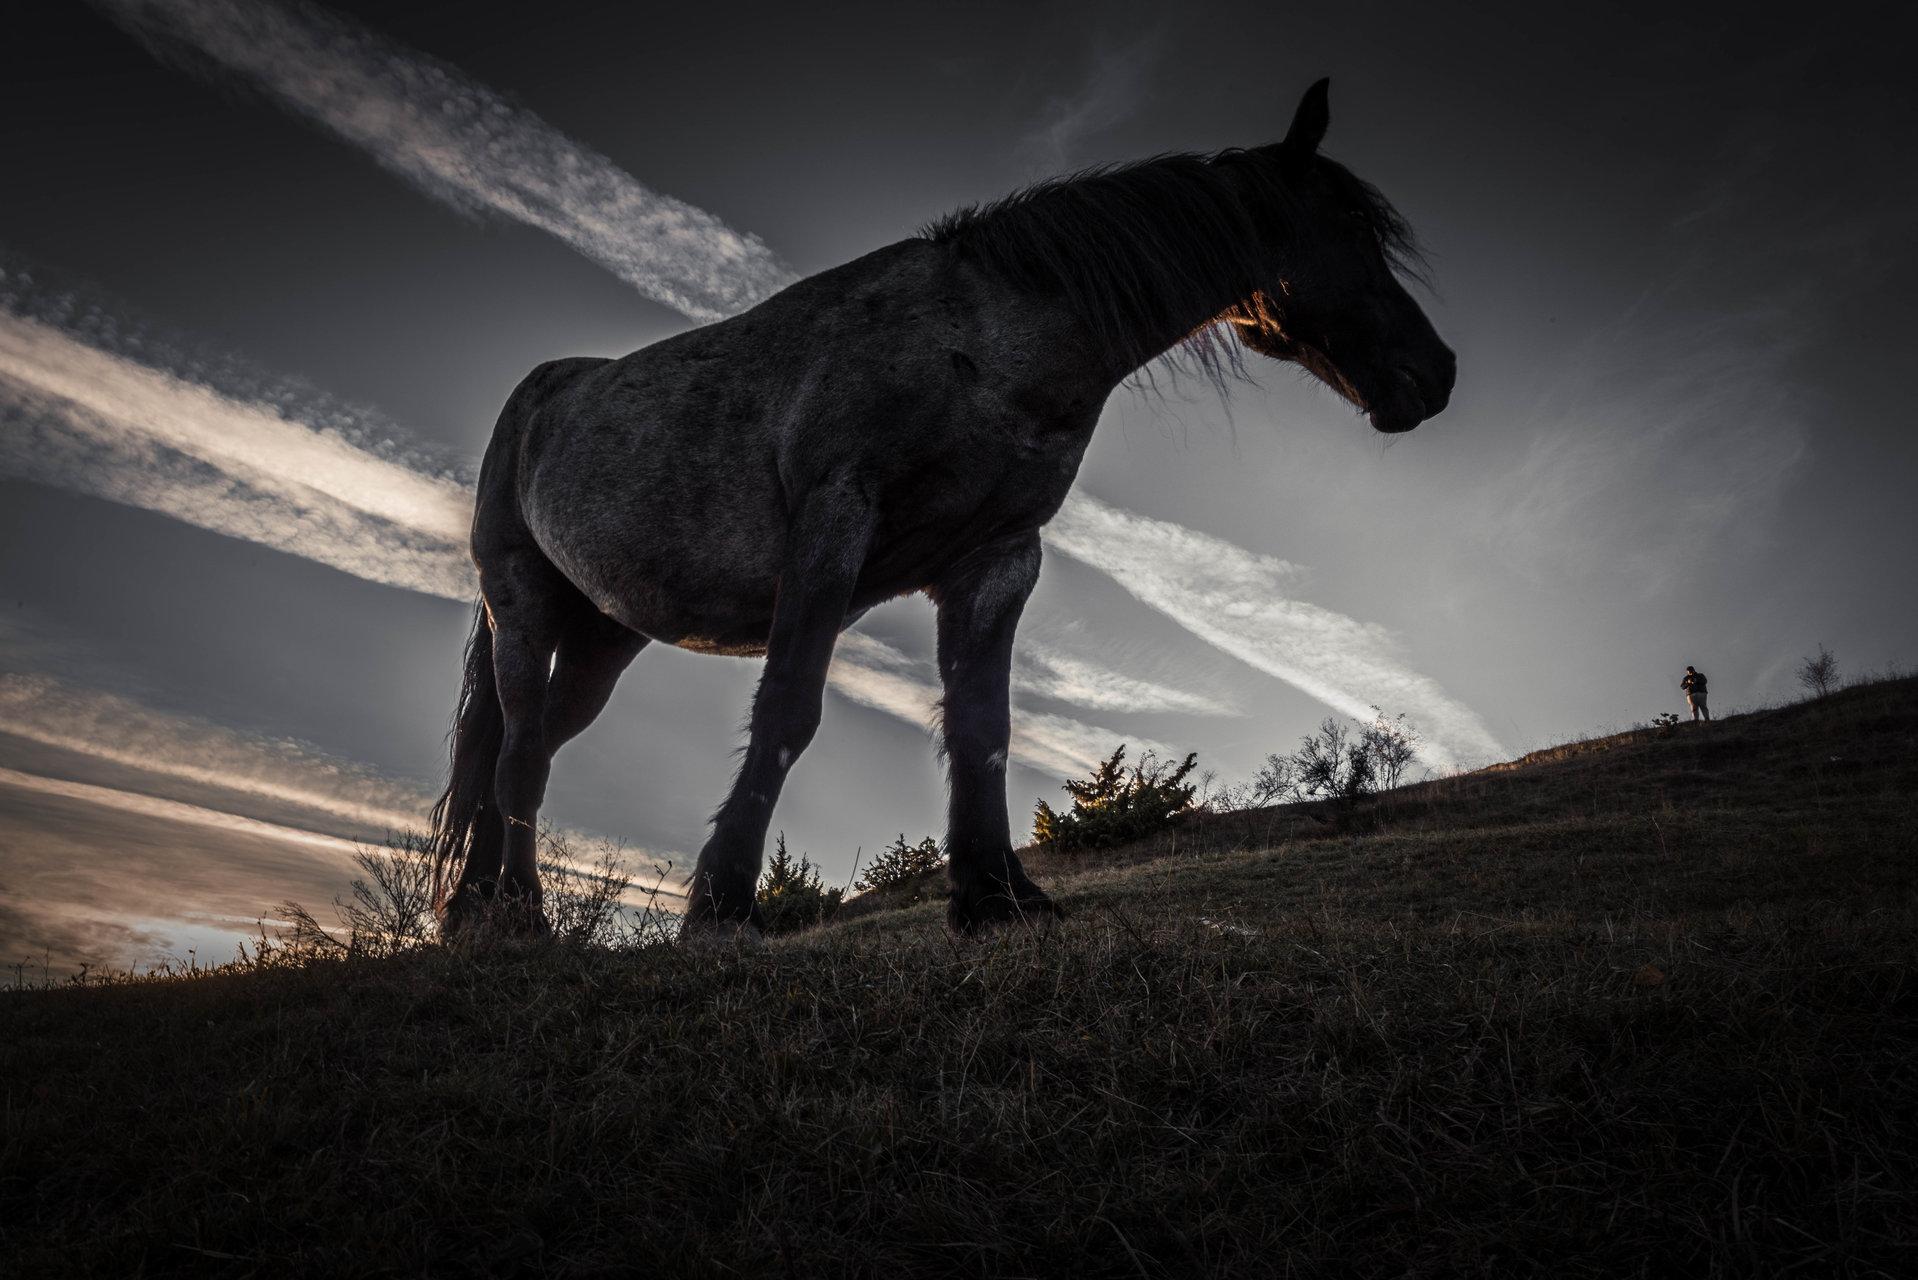 Великана и джуджето | Author Pablo79 | PHOTO FORUM